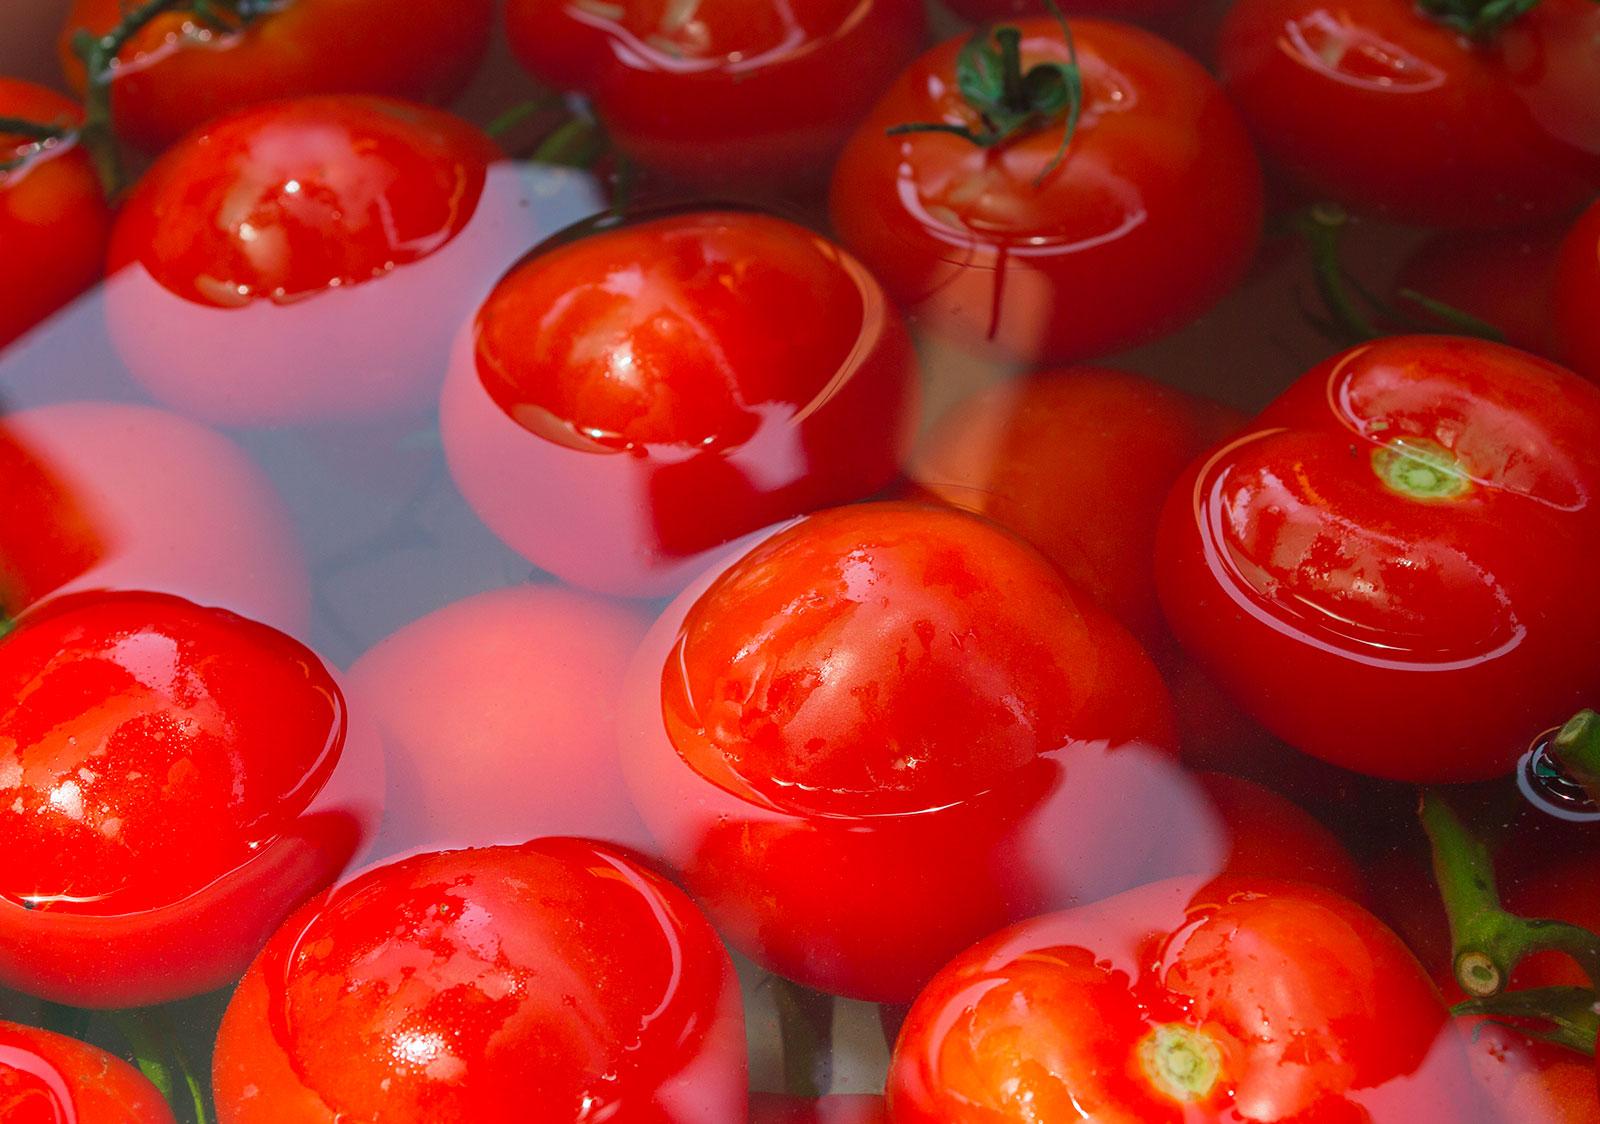 LAVATRICE A BARBOTAGE- Lavatrice per verdura e frutta